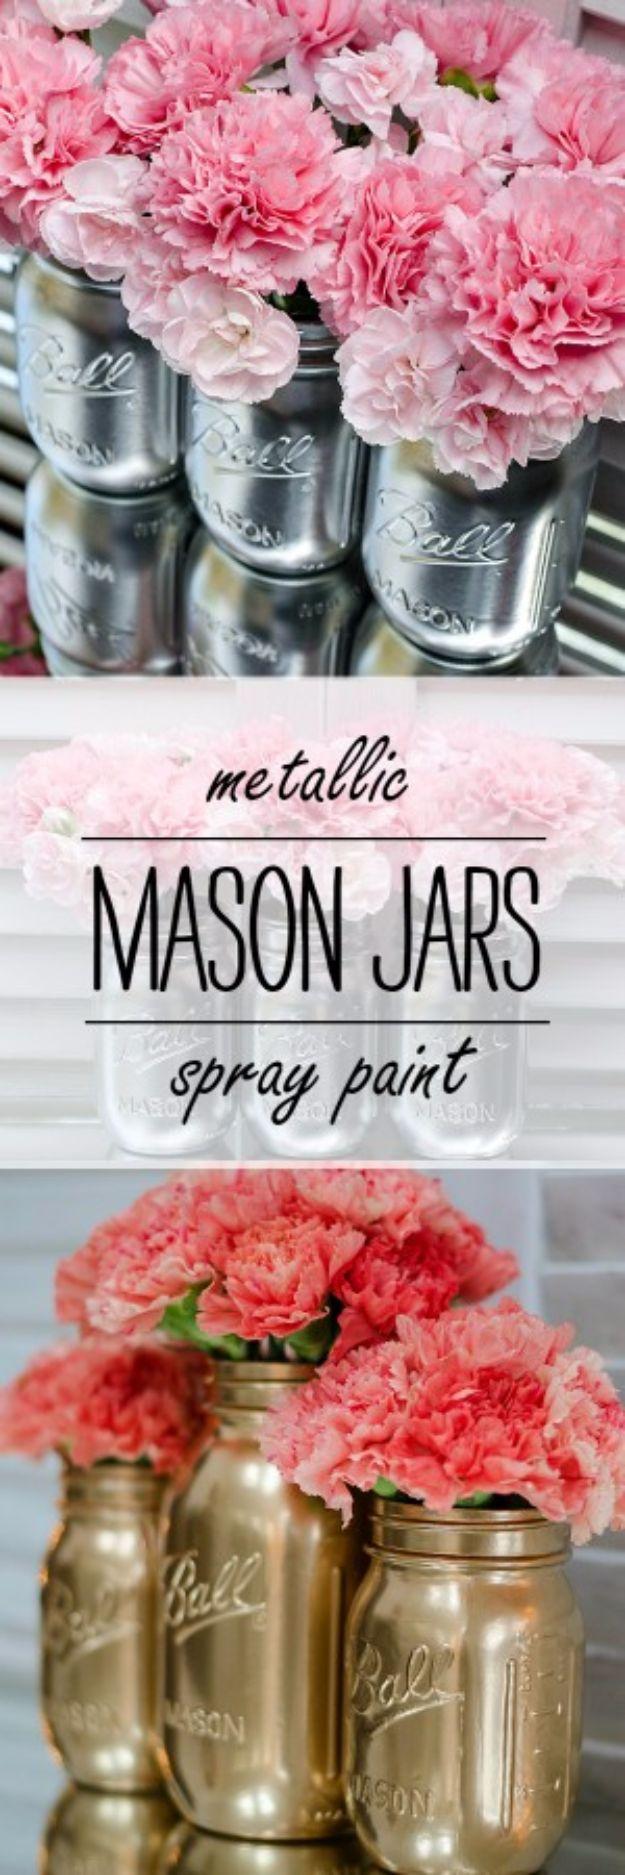 50 Cute DIY Mason Jar Crafts DIY Projects For Teens